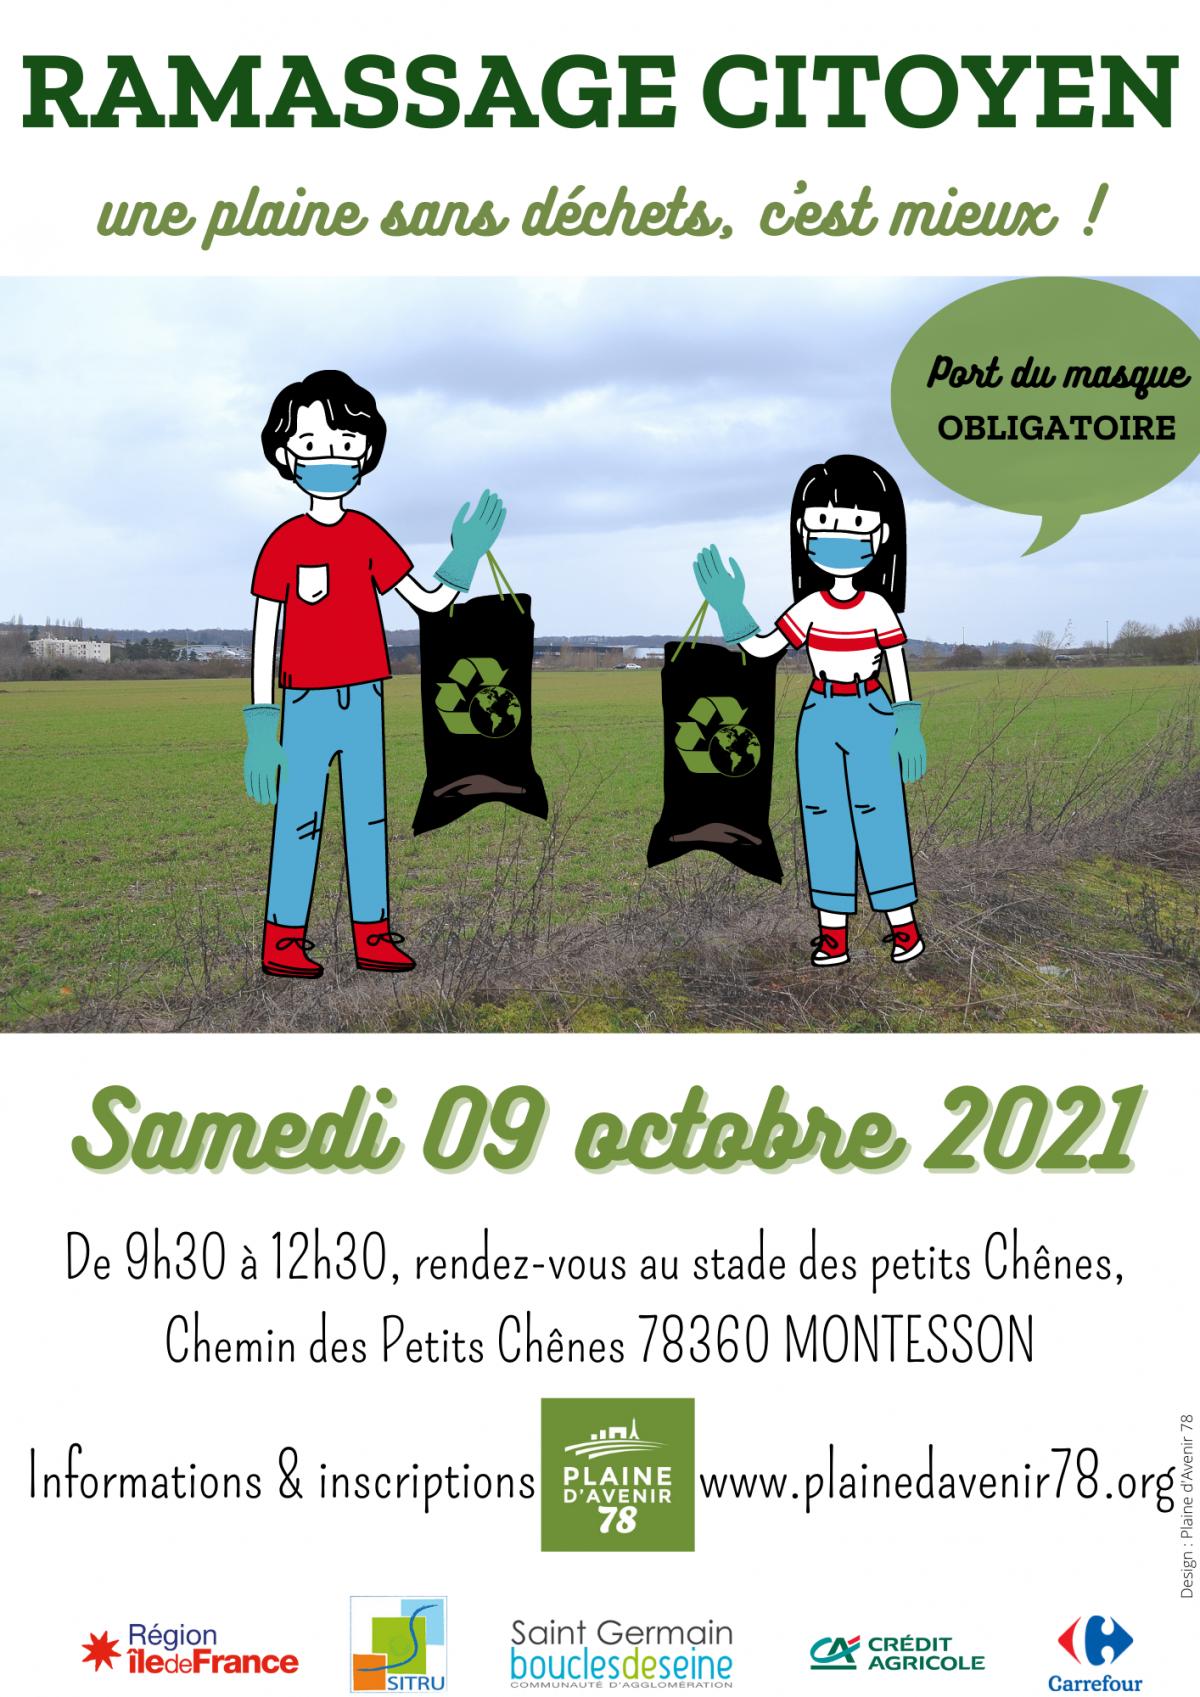 Ramassage citoyen d'automne, le samedi 9 octobre 2021 – 9h30 à 12h30